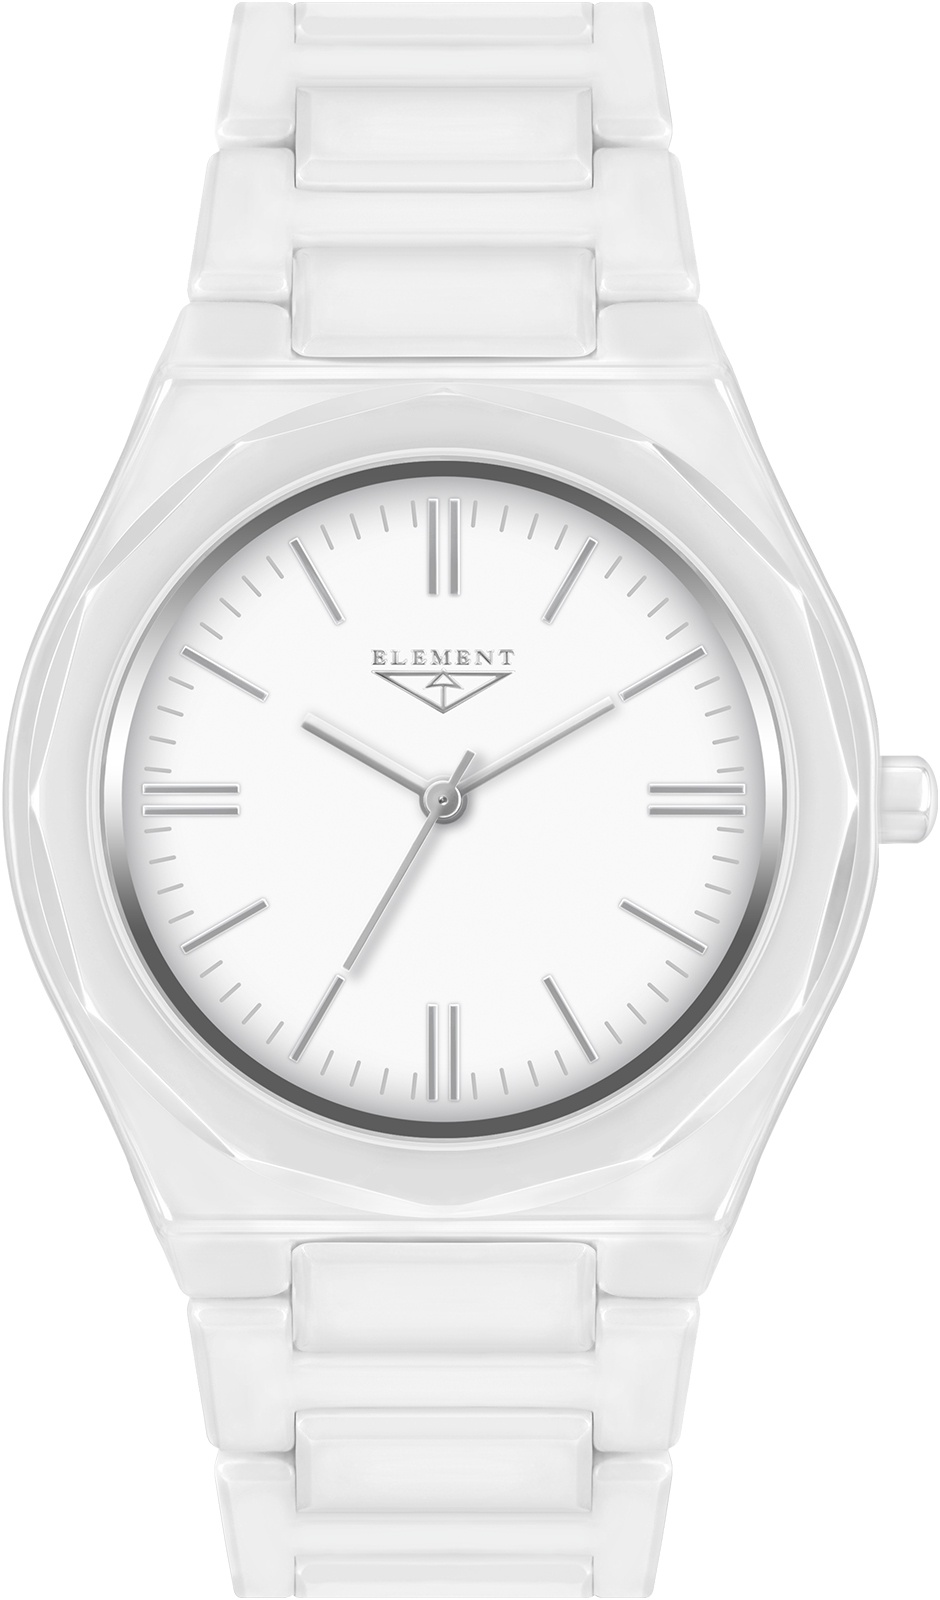 купить Часы 33 ELEMENT 331705C, белый по цене 9120 рублей